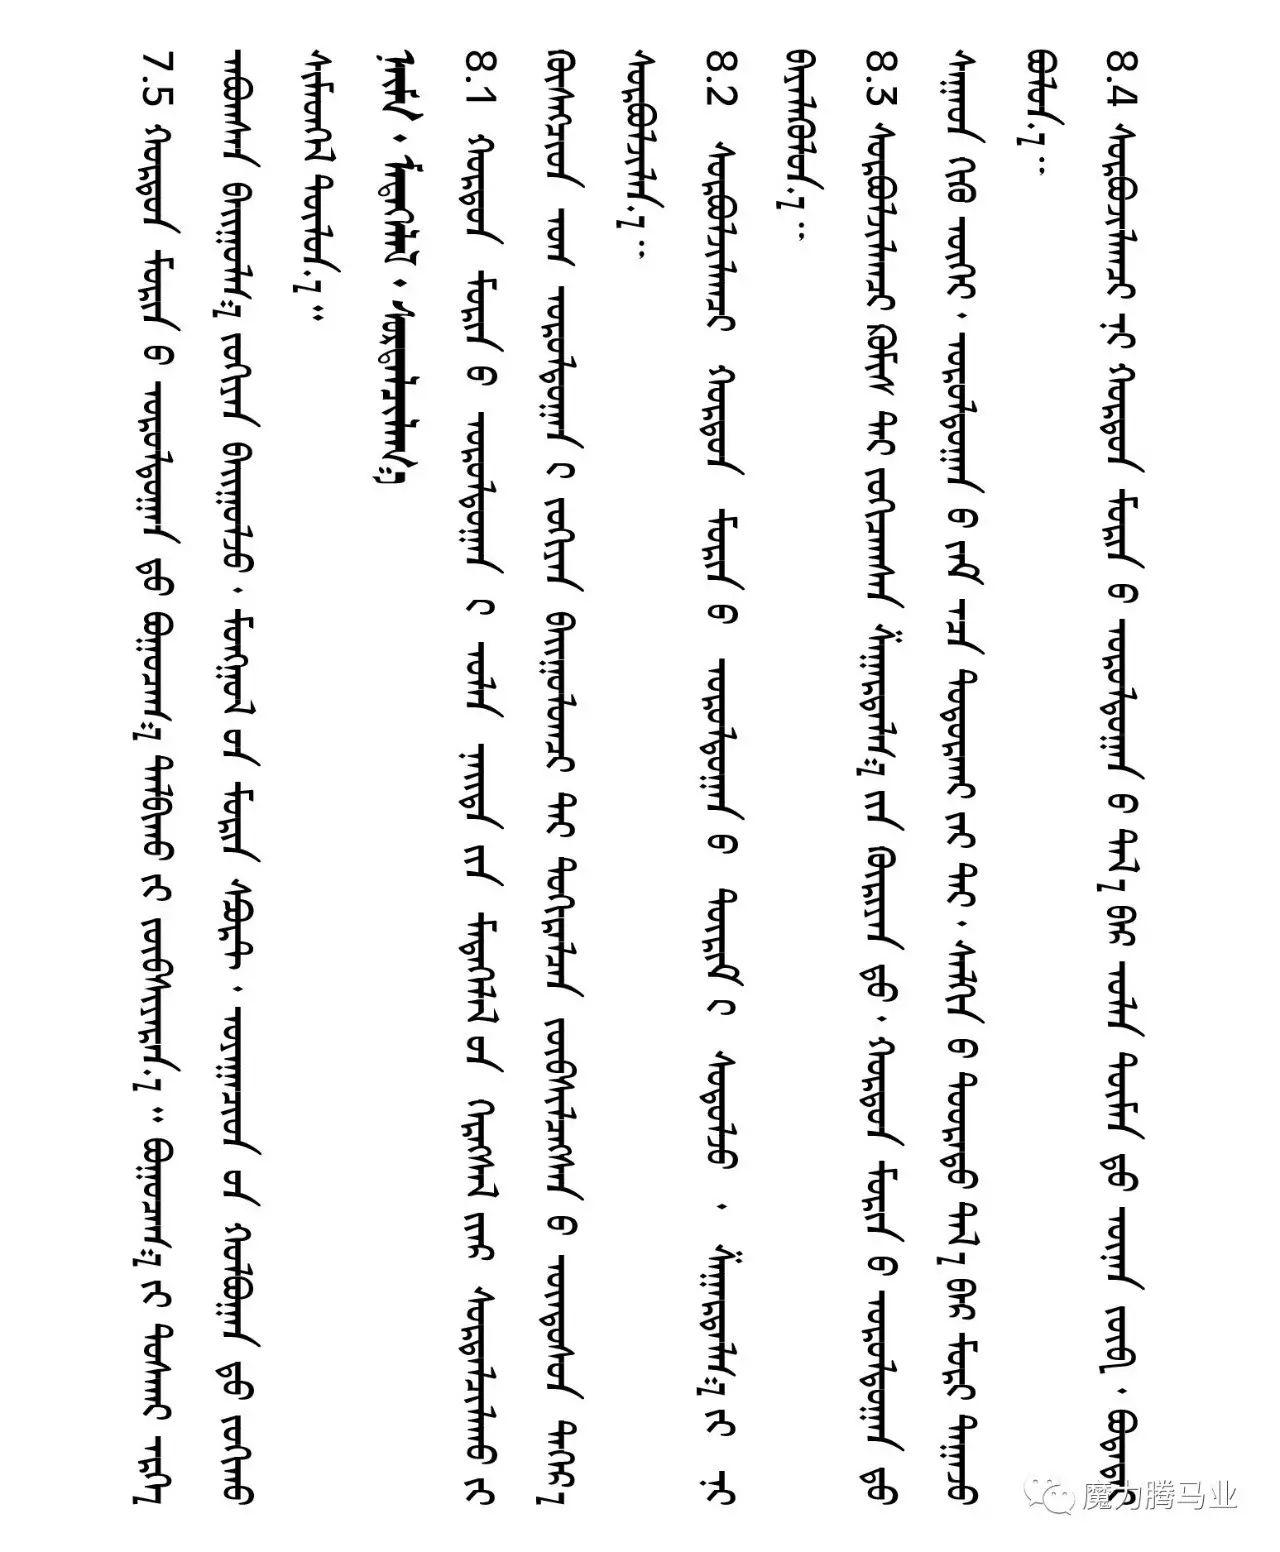 蒙古国赛马章程介绍 第41张 蒙古国赛马章程介绍 蒙古文库